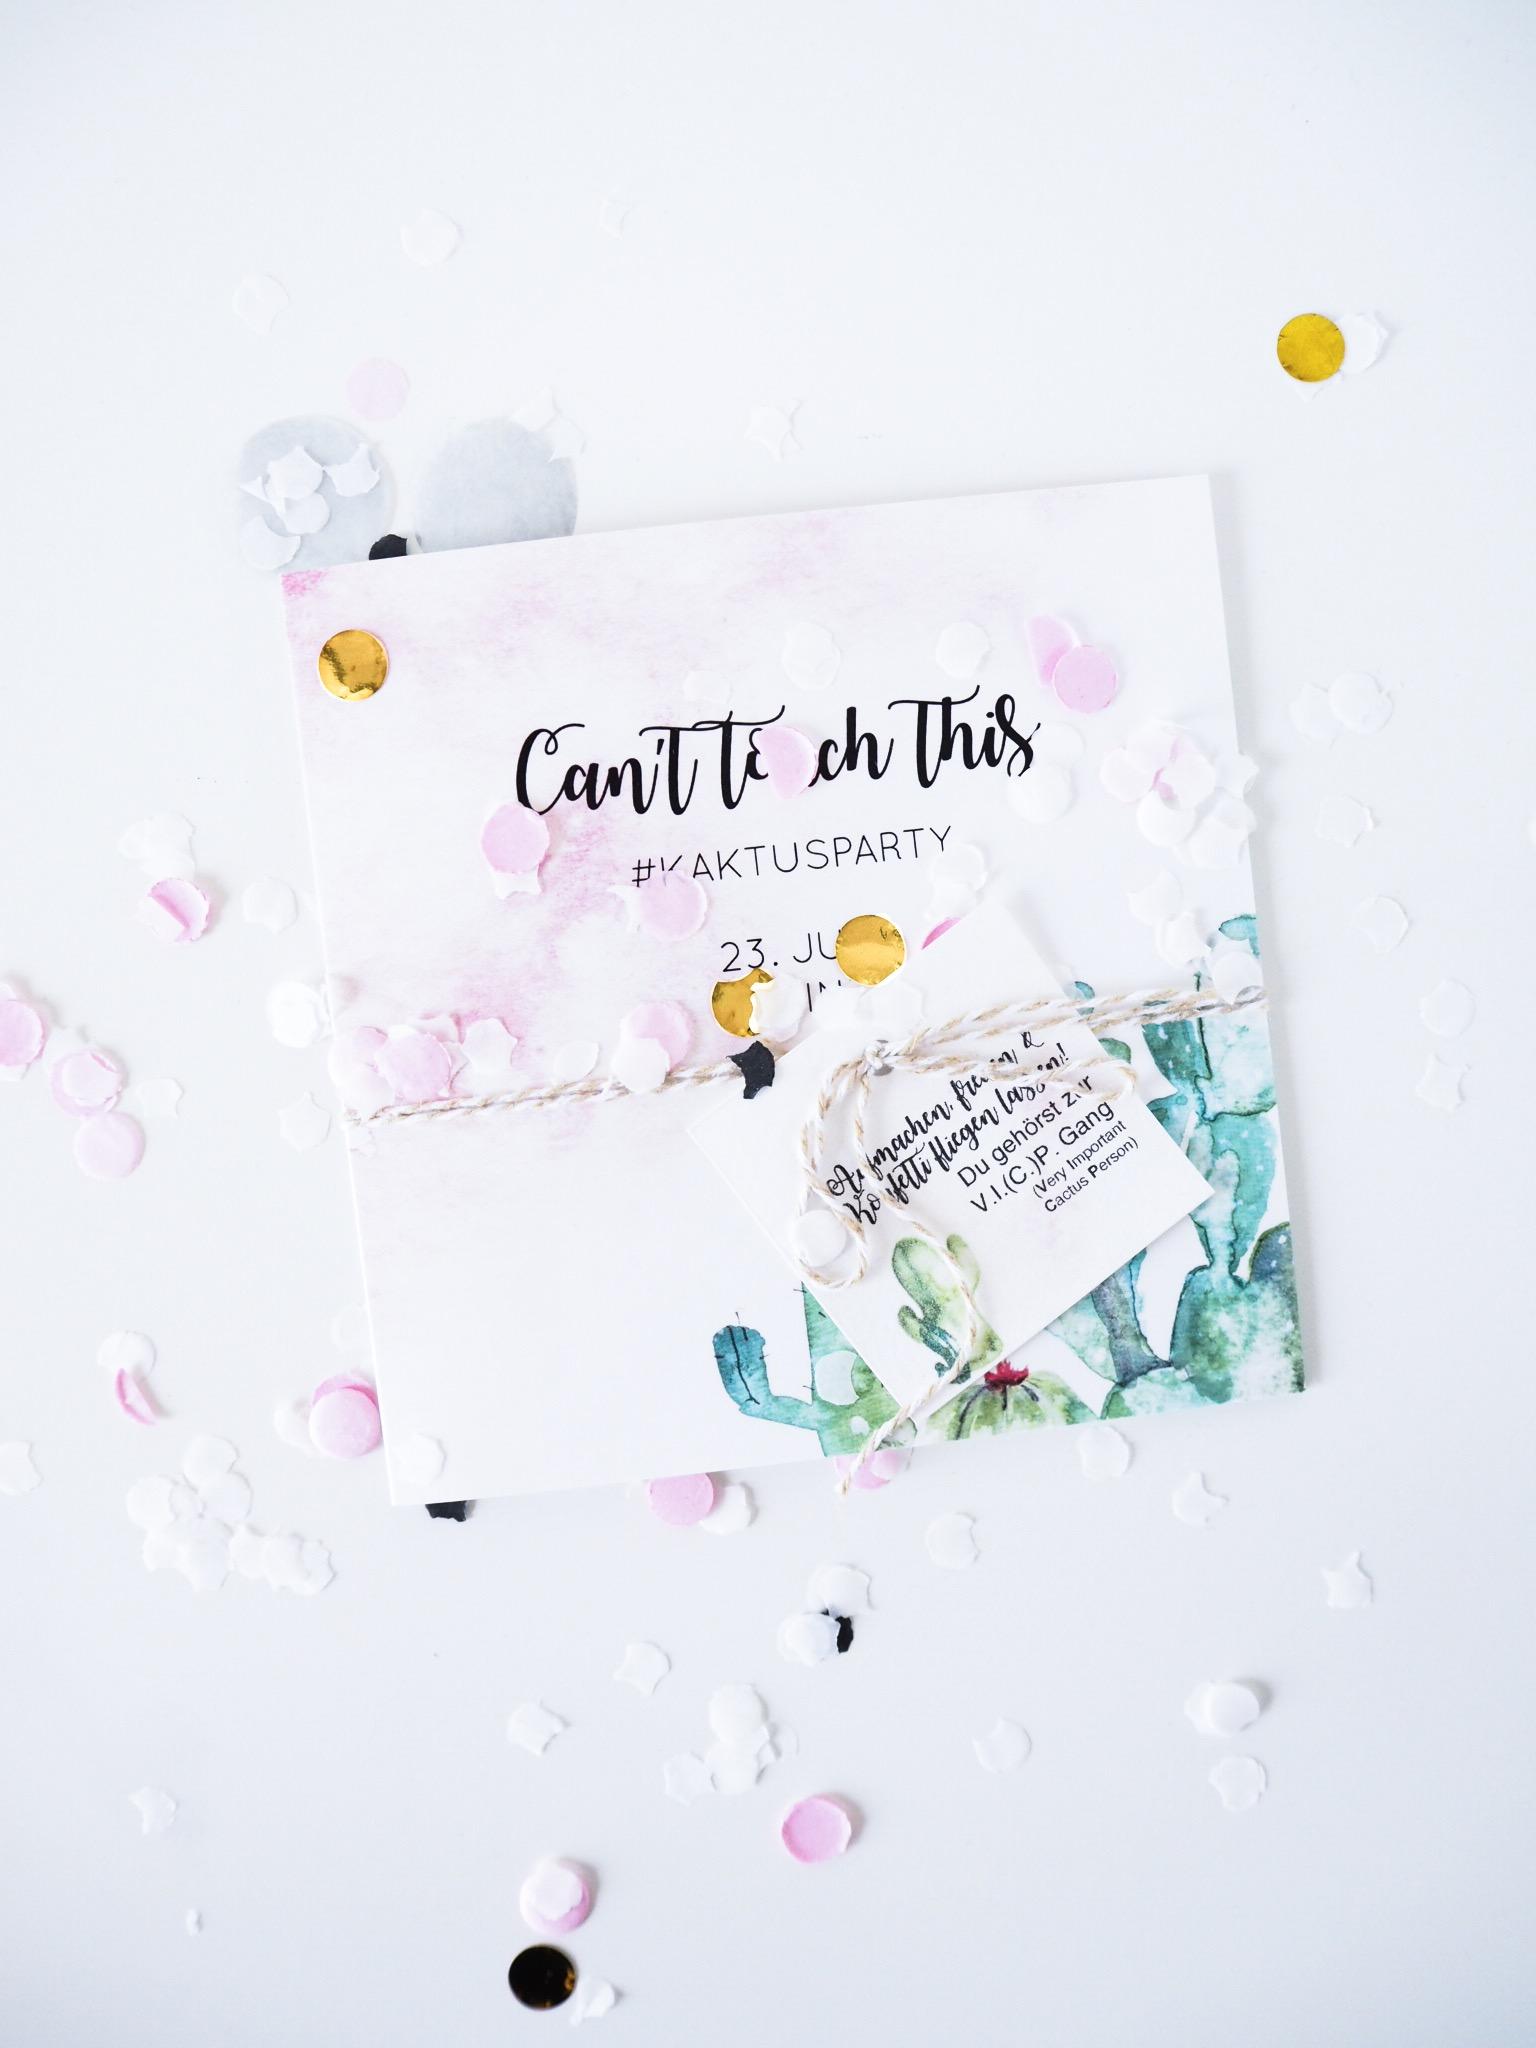 Einladung can´t touch this schriftzug, mit Kakteen und rosa goldenem Konfetti